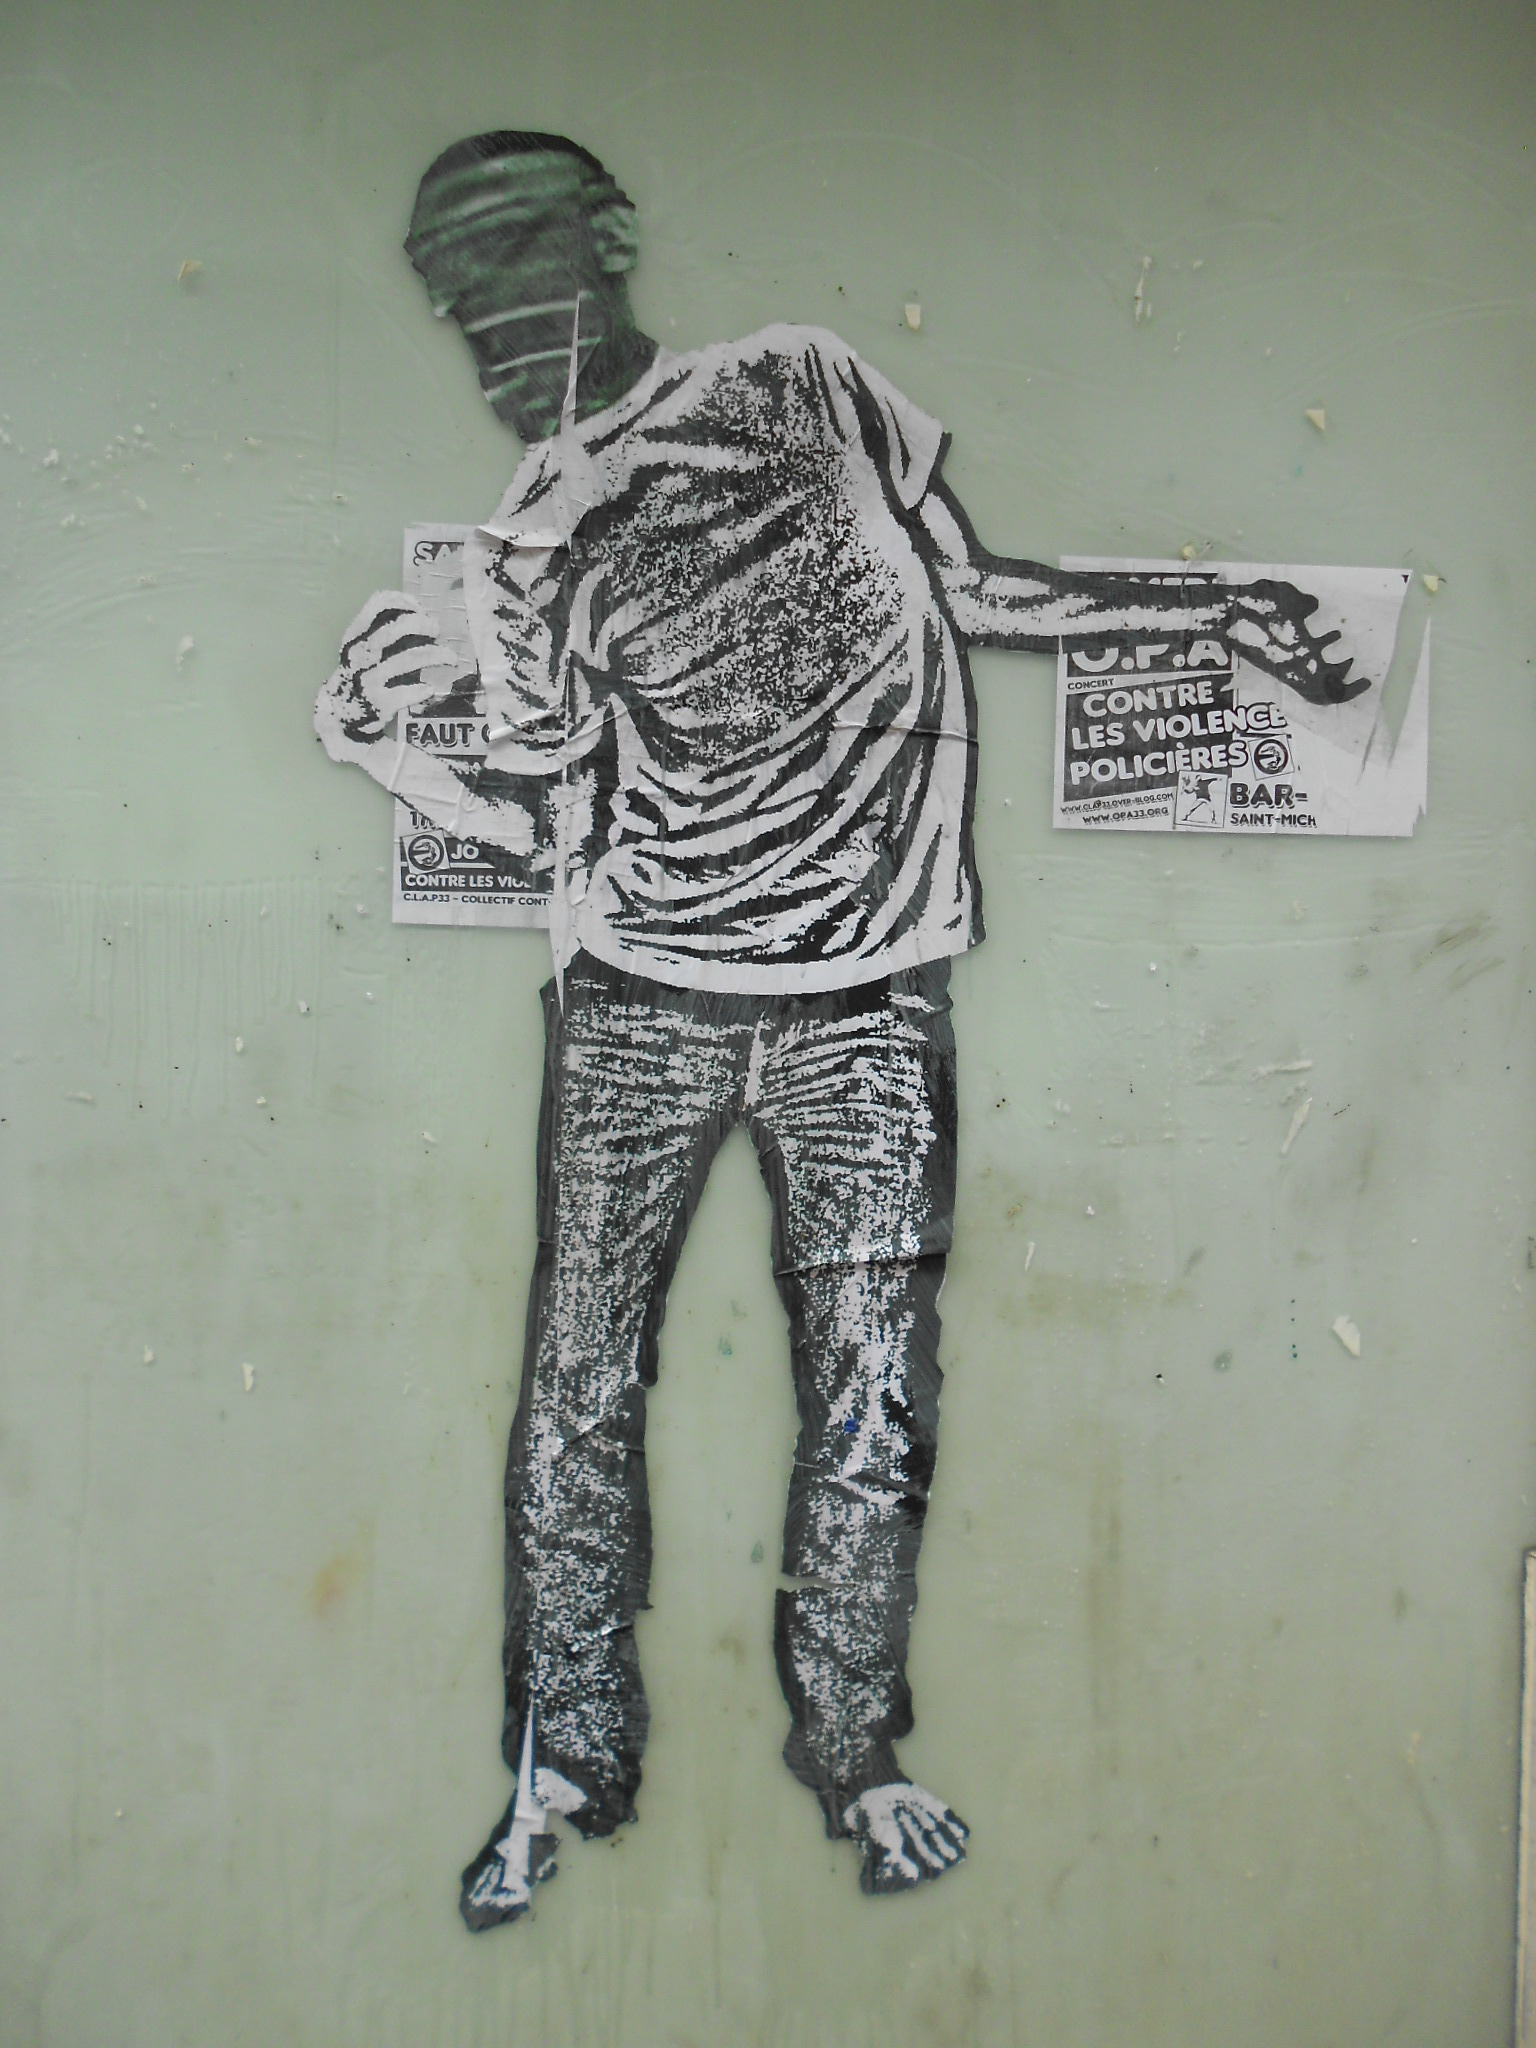 Rue Du Loup Faire Le Murfaire Le Mur Street Art